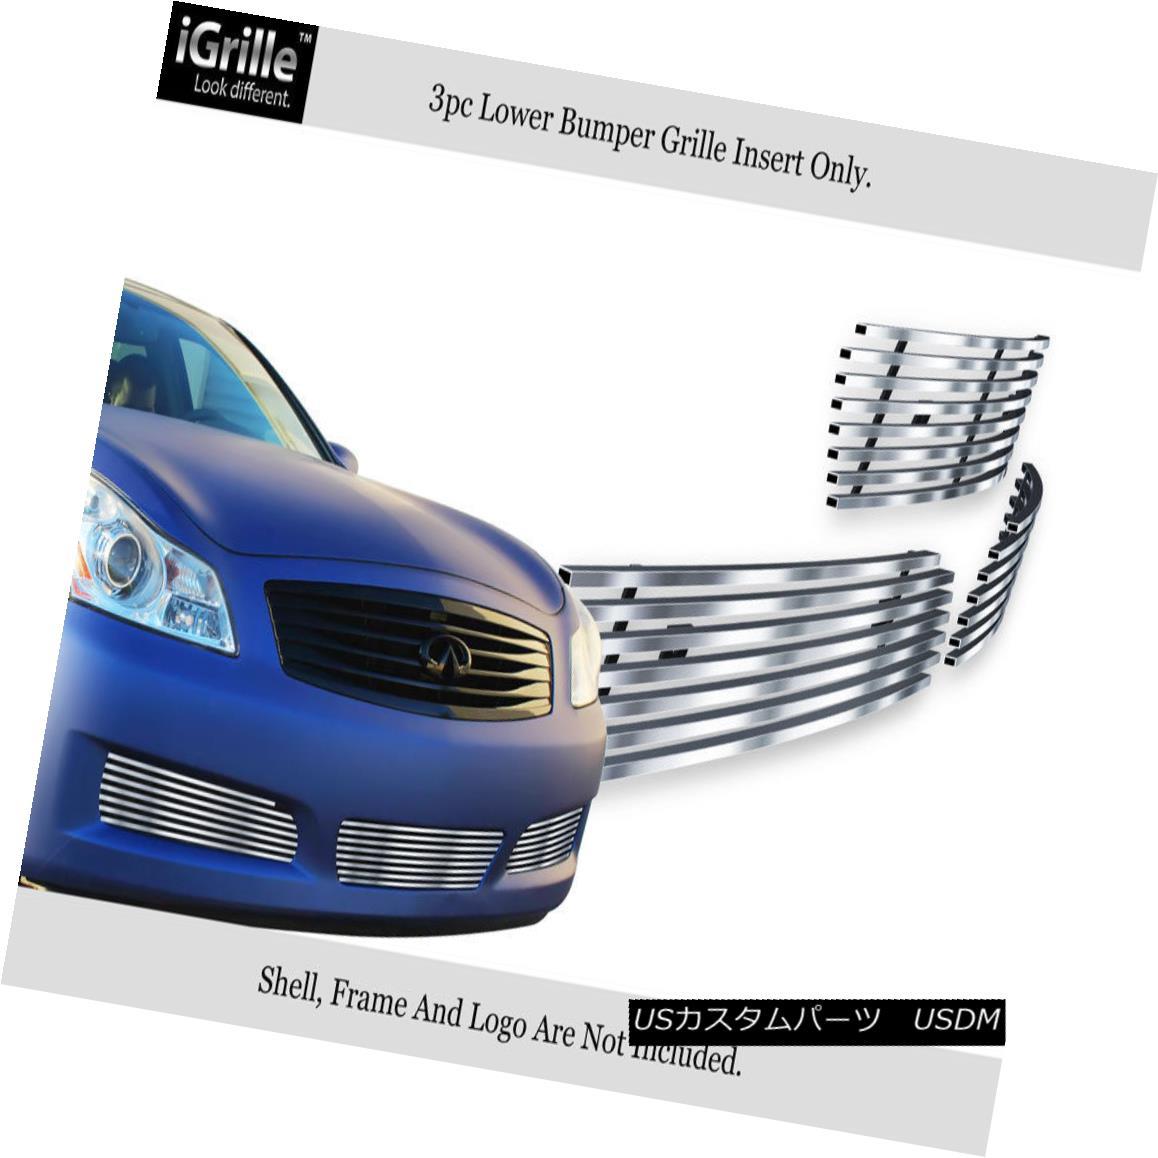 グリル Fits 07-08 Infiniti G35 Sedan Bumper Stainless Steel Billet Grille Insert フィット07-08インフィニティG35セダンバンパーステンレス鋼ビレットグリルインサート